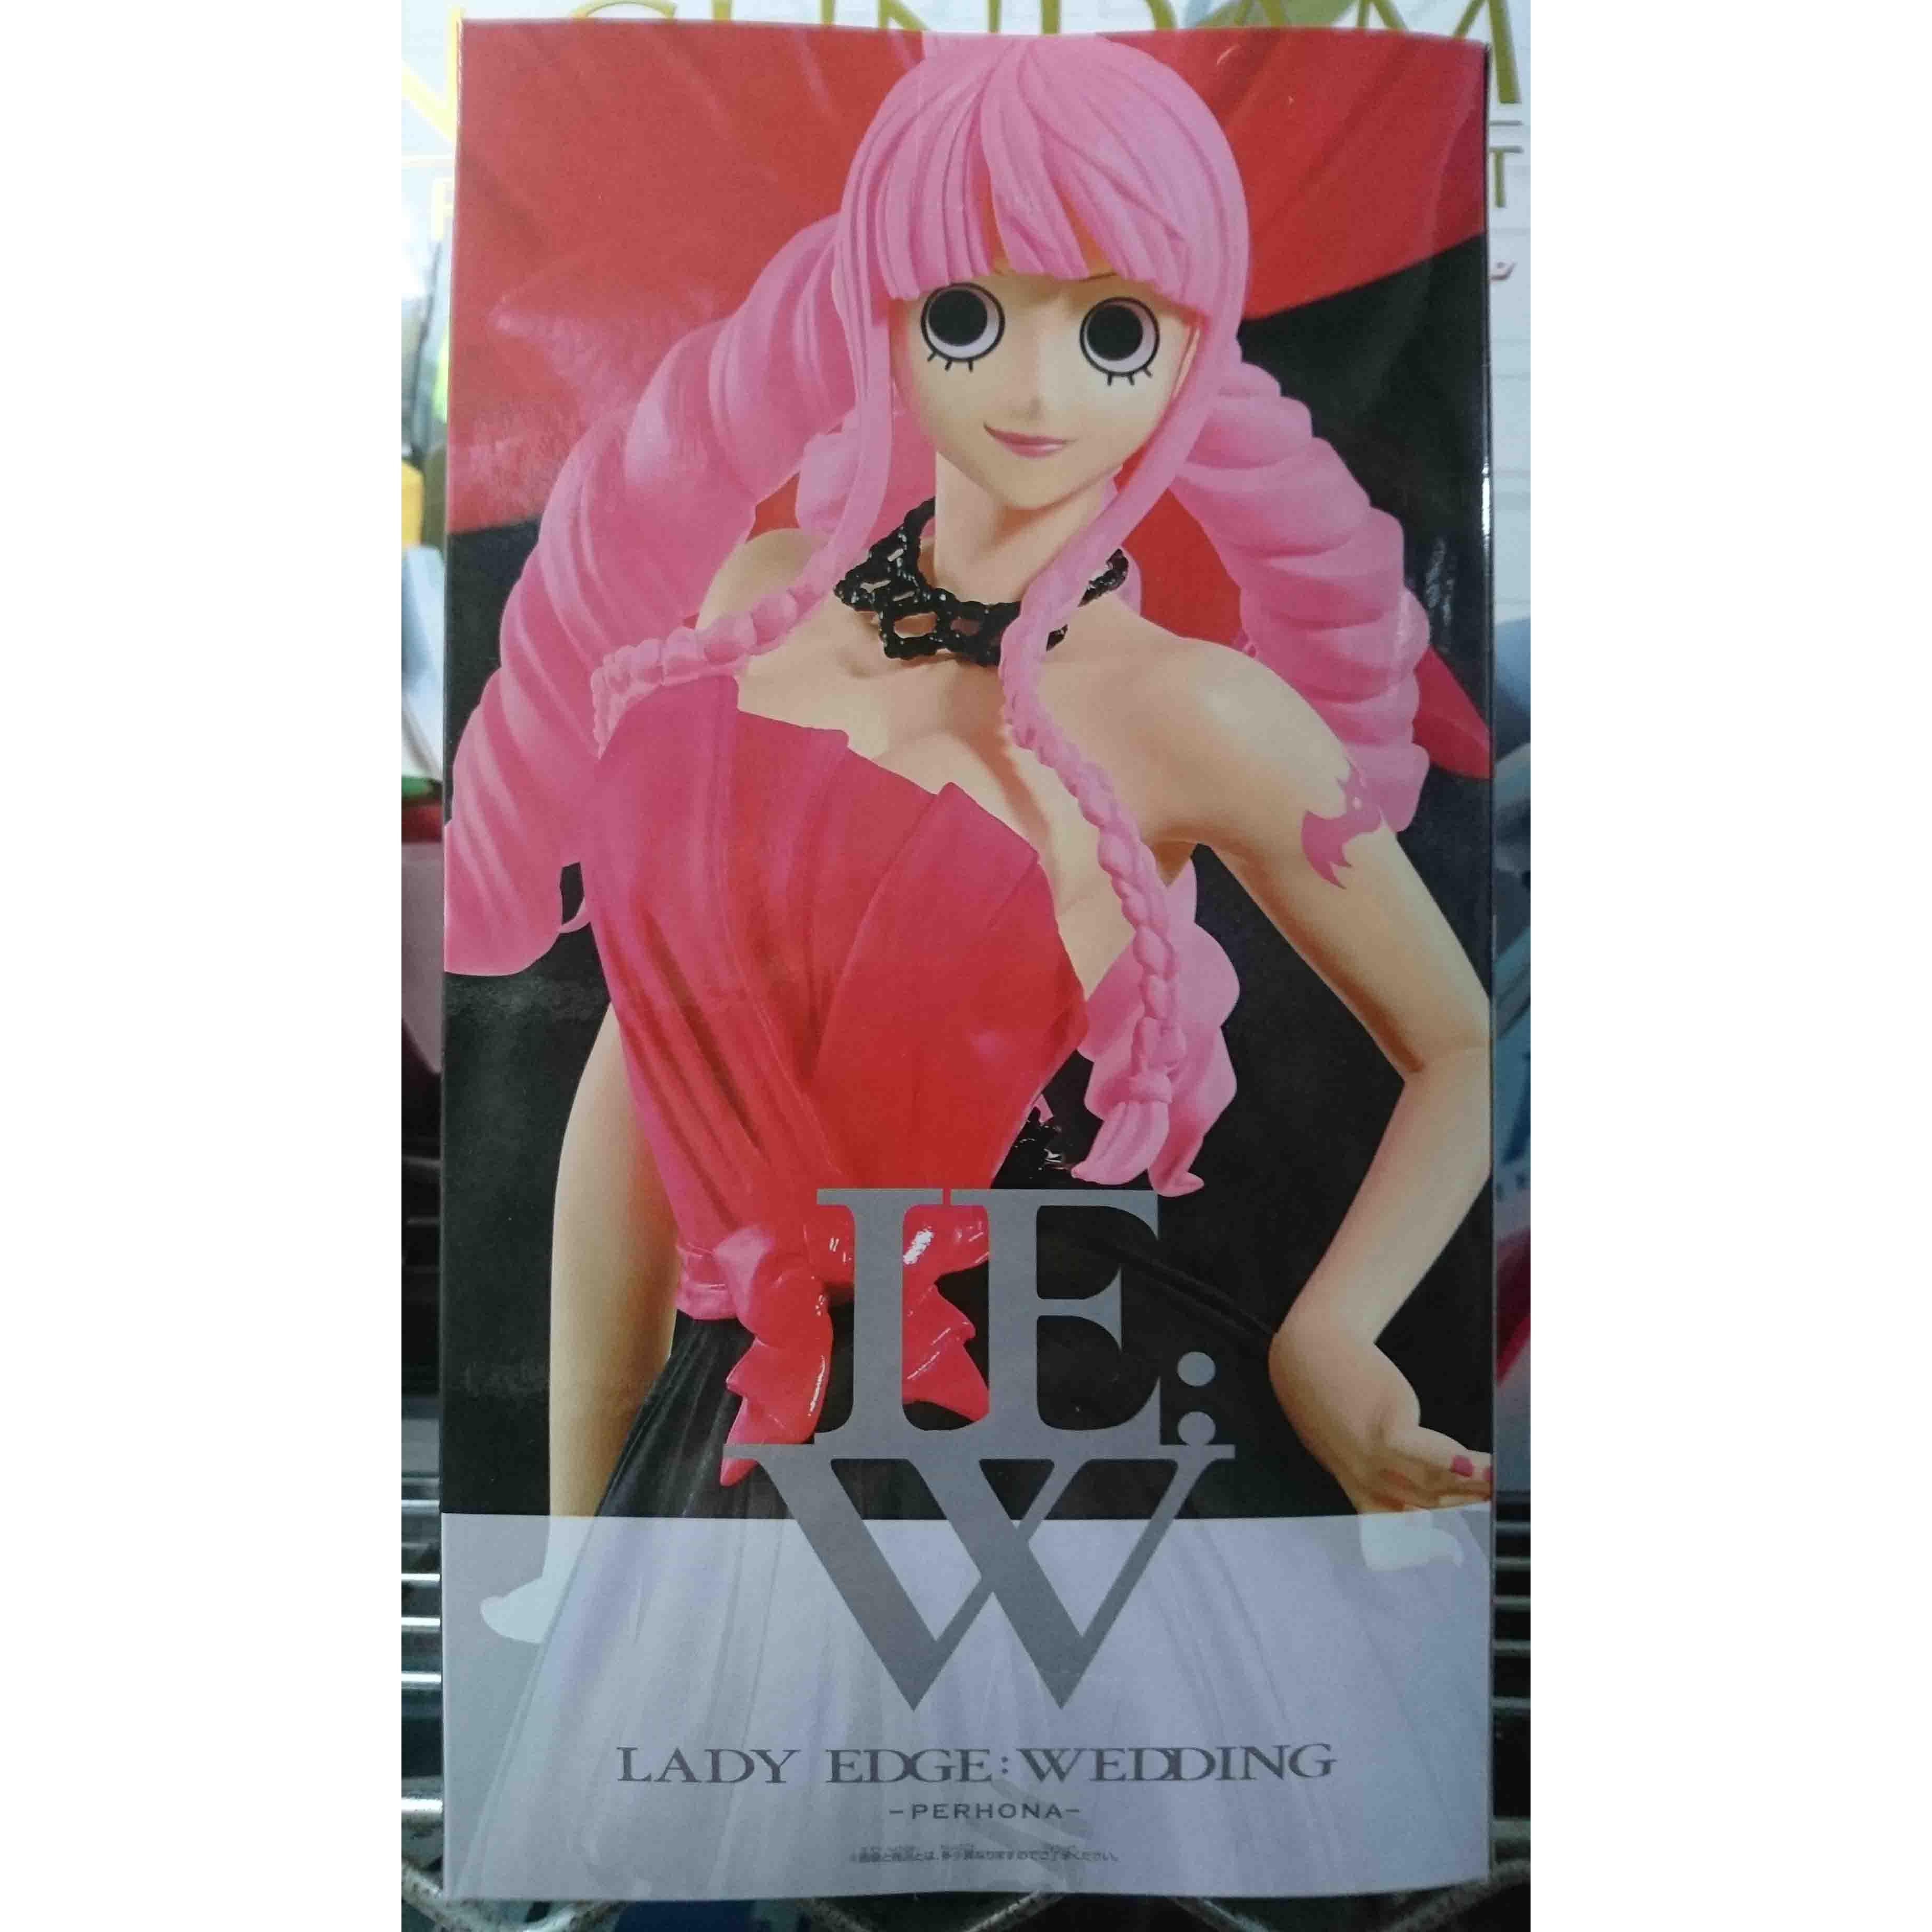 景品婚紗版黑紅顏色培羅娜,益祥模型玩具外盒實拍照。